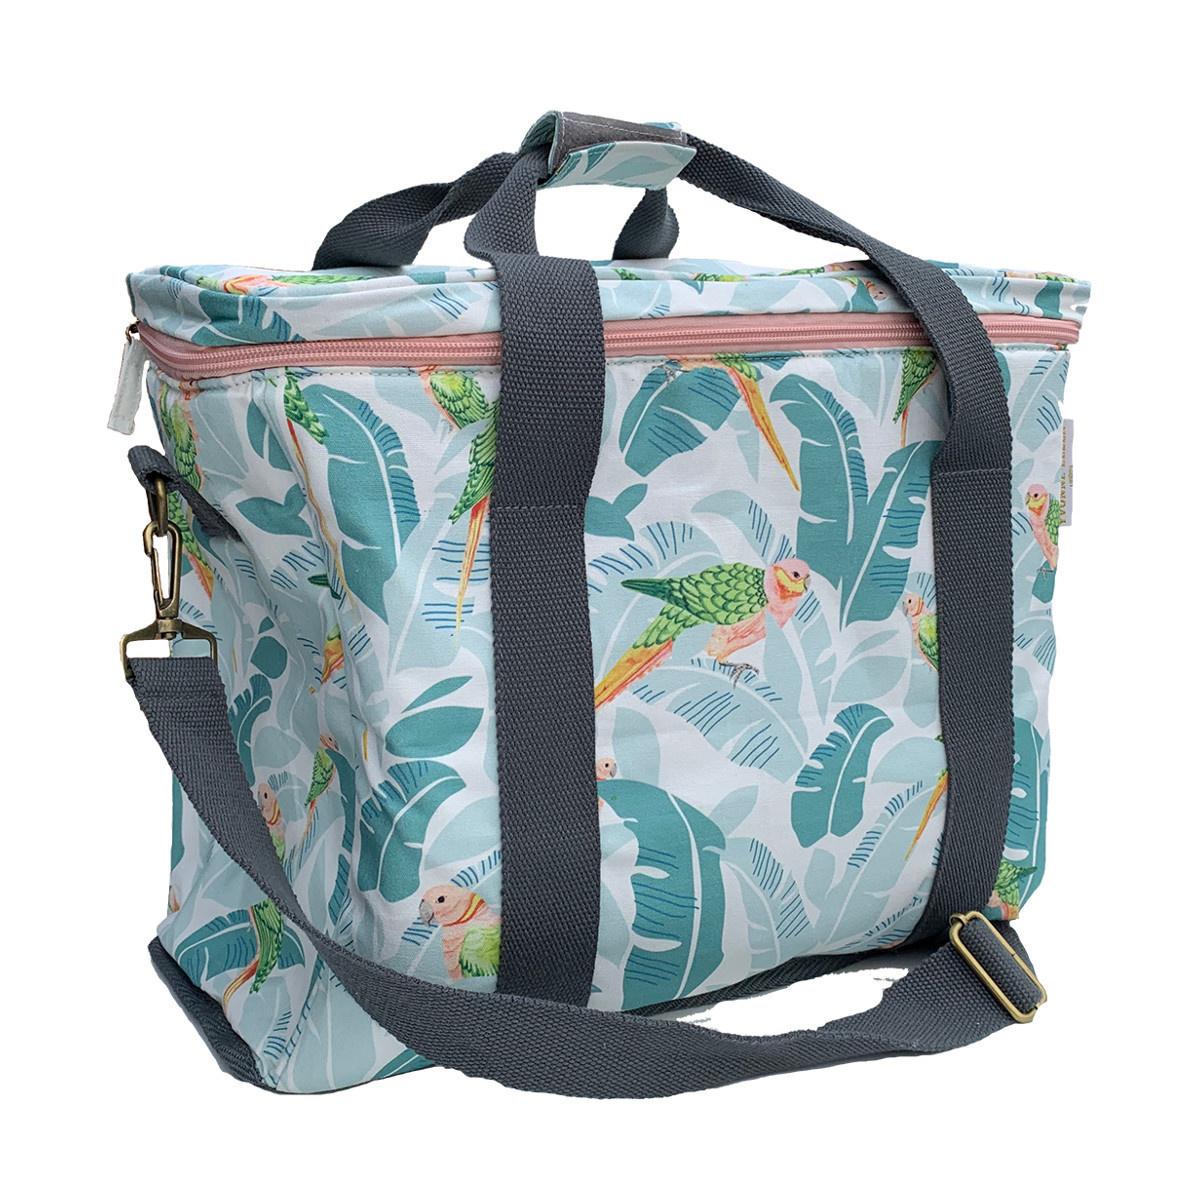 Yvonne Ellen London Yvonne Ellen PICNIC Tropical Cooler Bag 31 x 40 x 19 cm